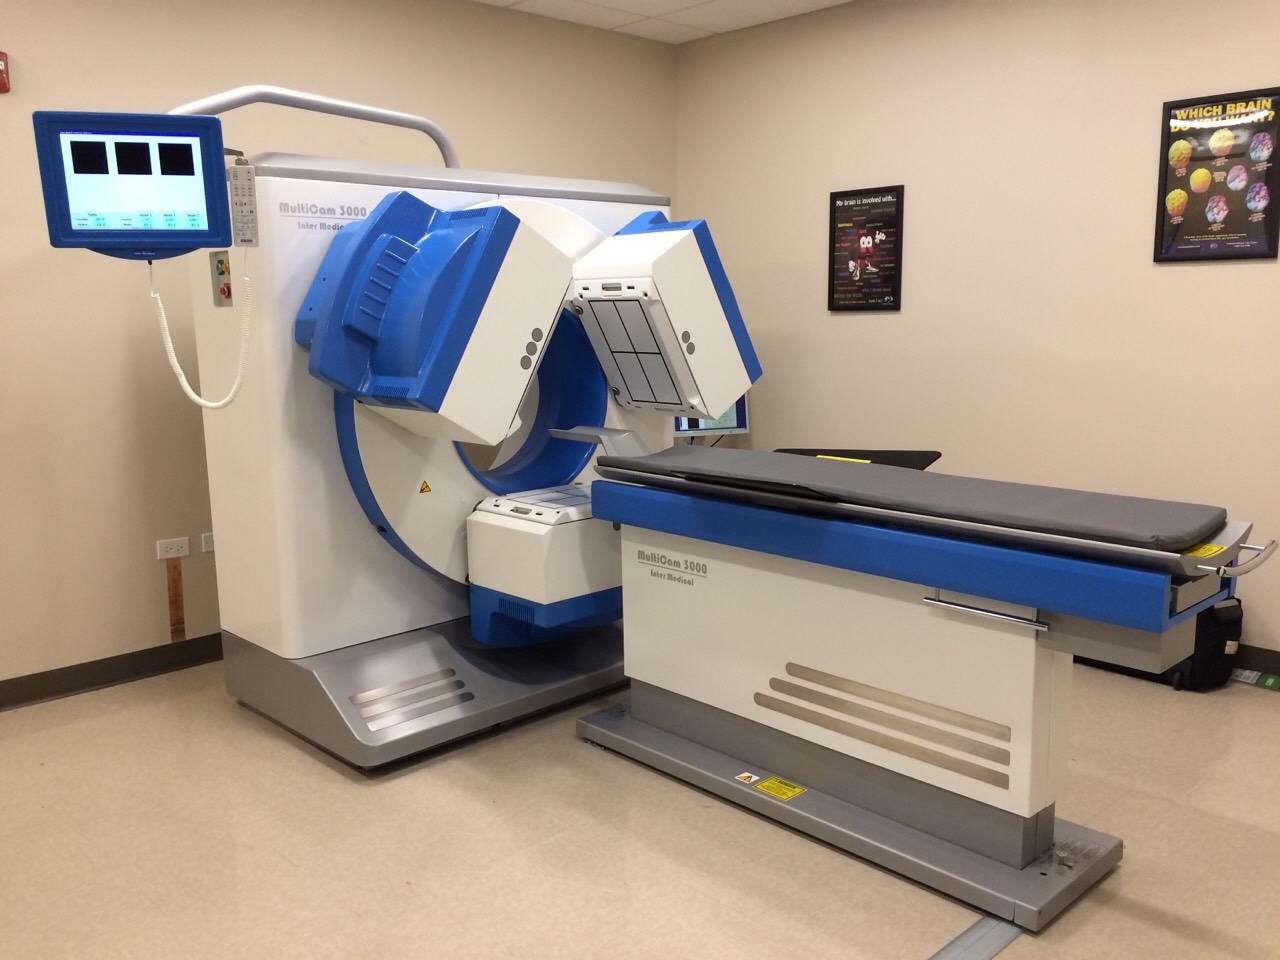 En 3 hovedet SPECT scanner kan lave en præcis scanning af hjernen på blot 15-20 min